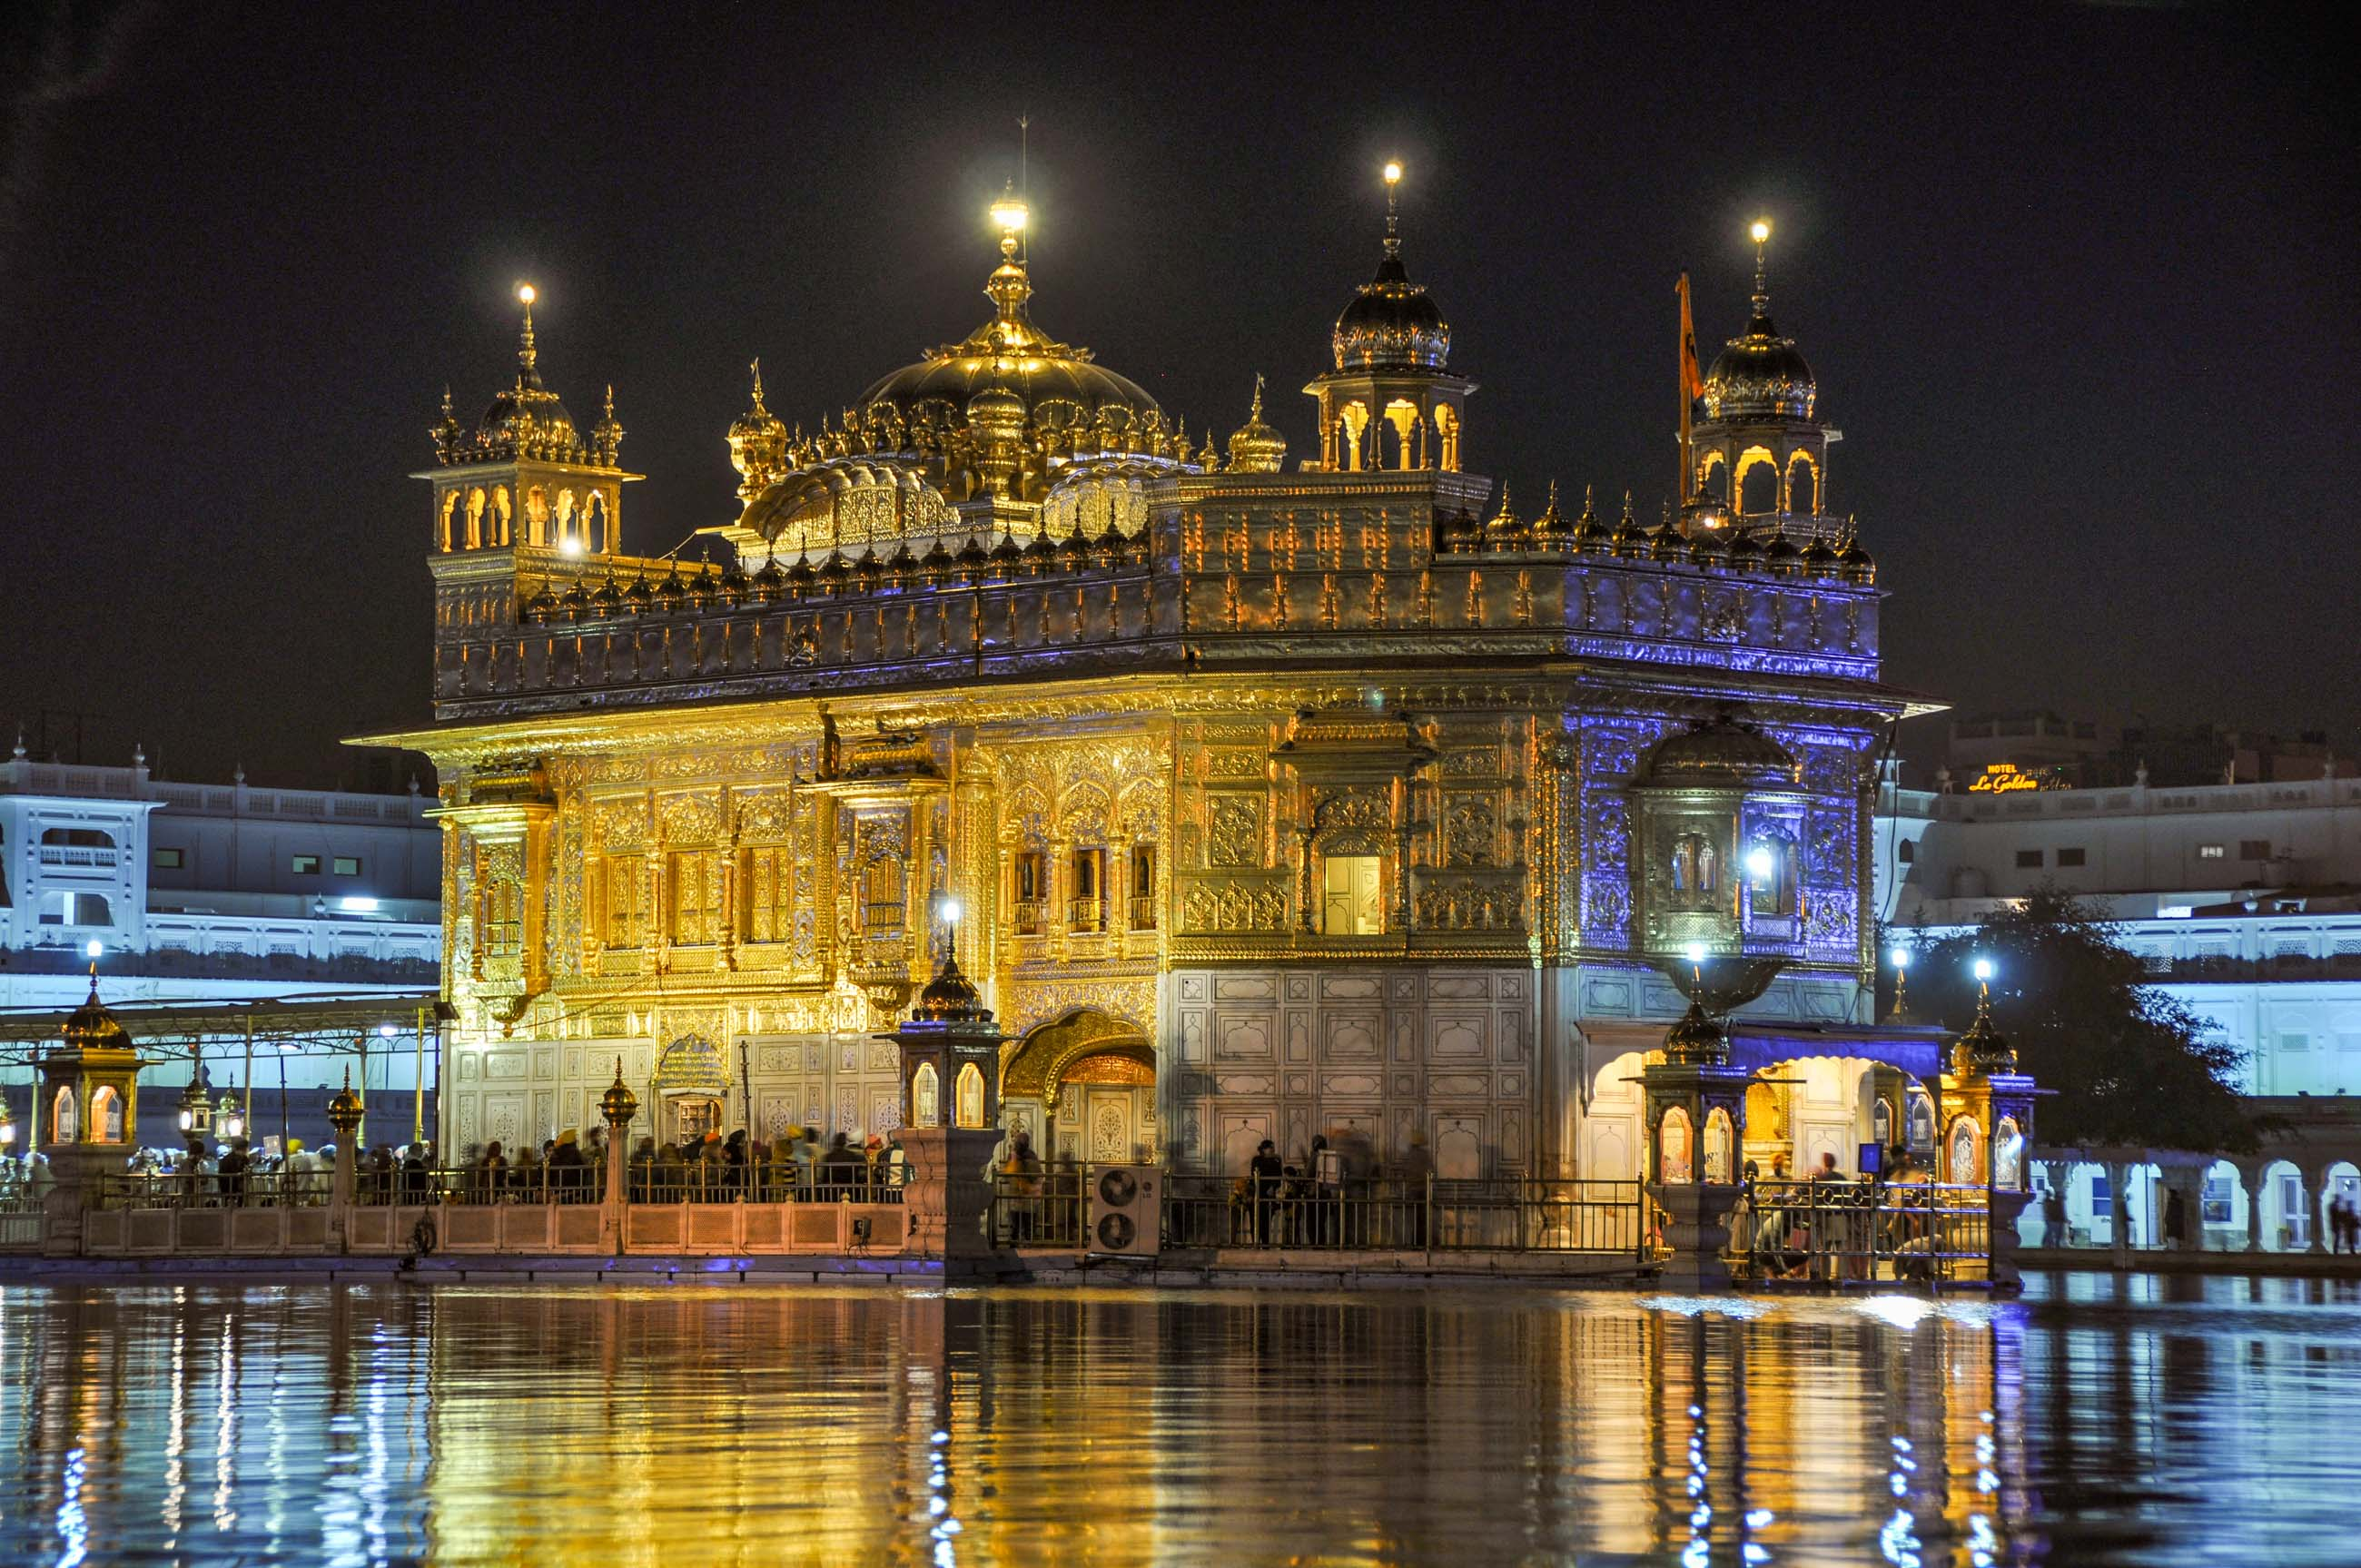 https://bubo.sk/uploads/galleries/3468/tomas_kubus_india_amritsar_dsc_0279.jpg